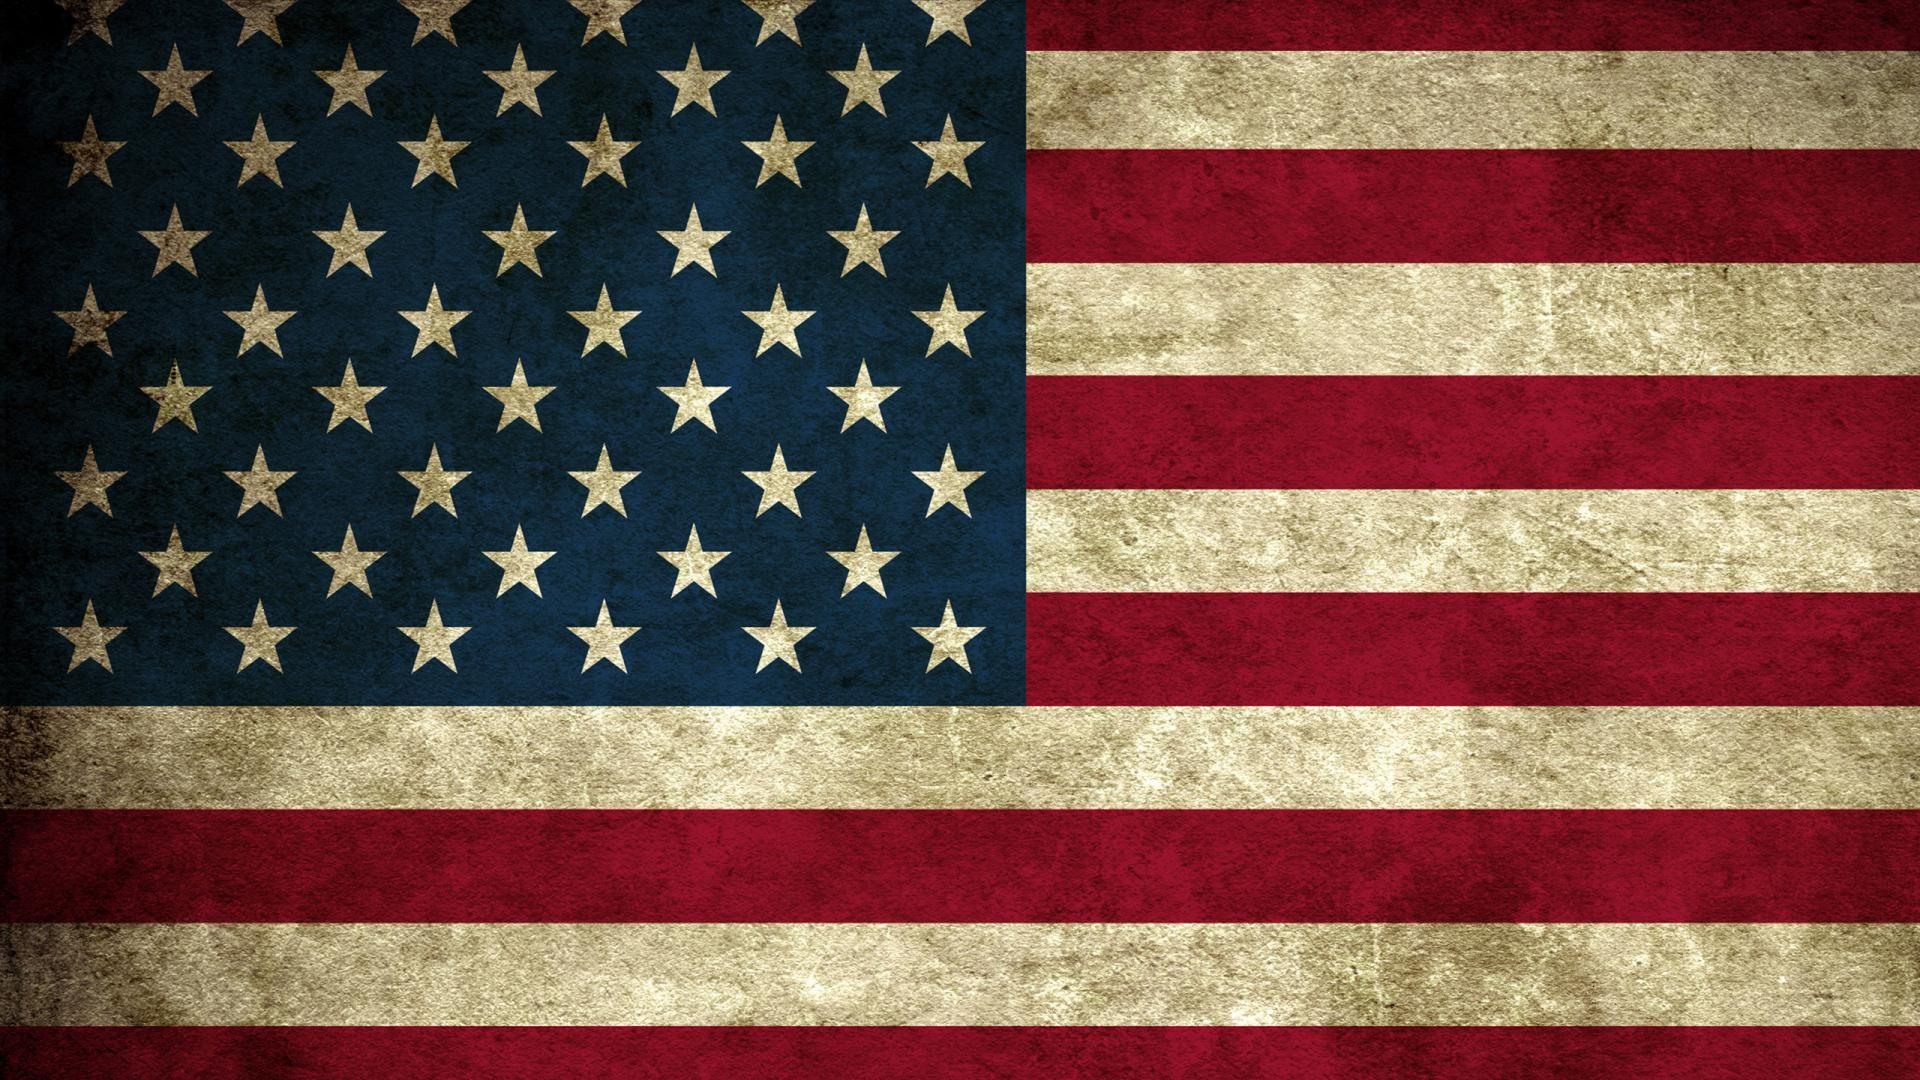 American USA Flag wallpaper hd Ideias de bandeiras